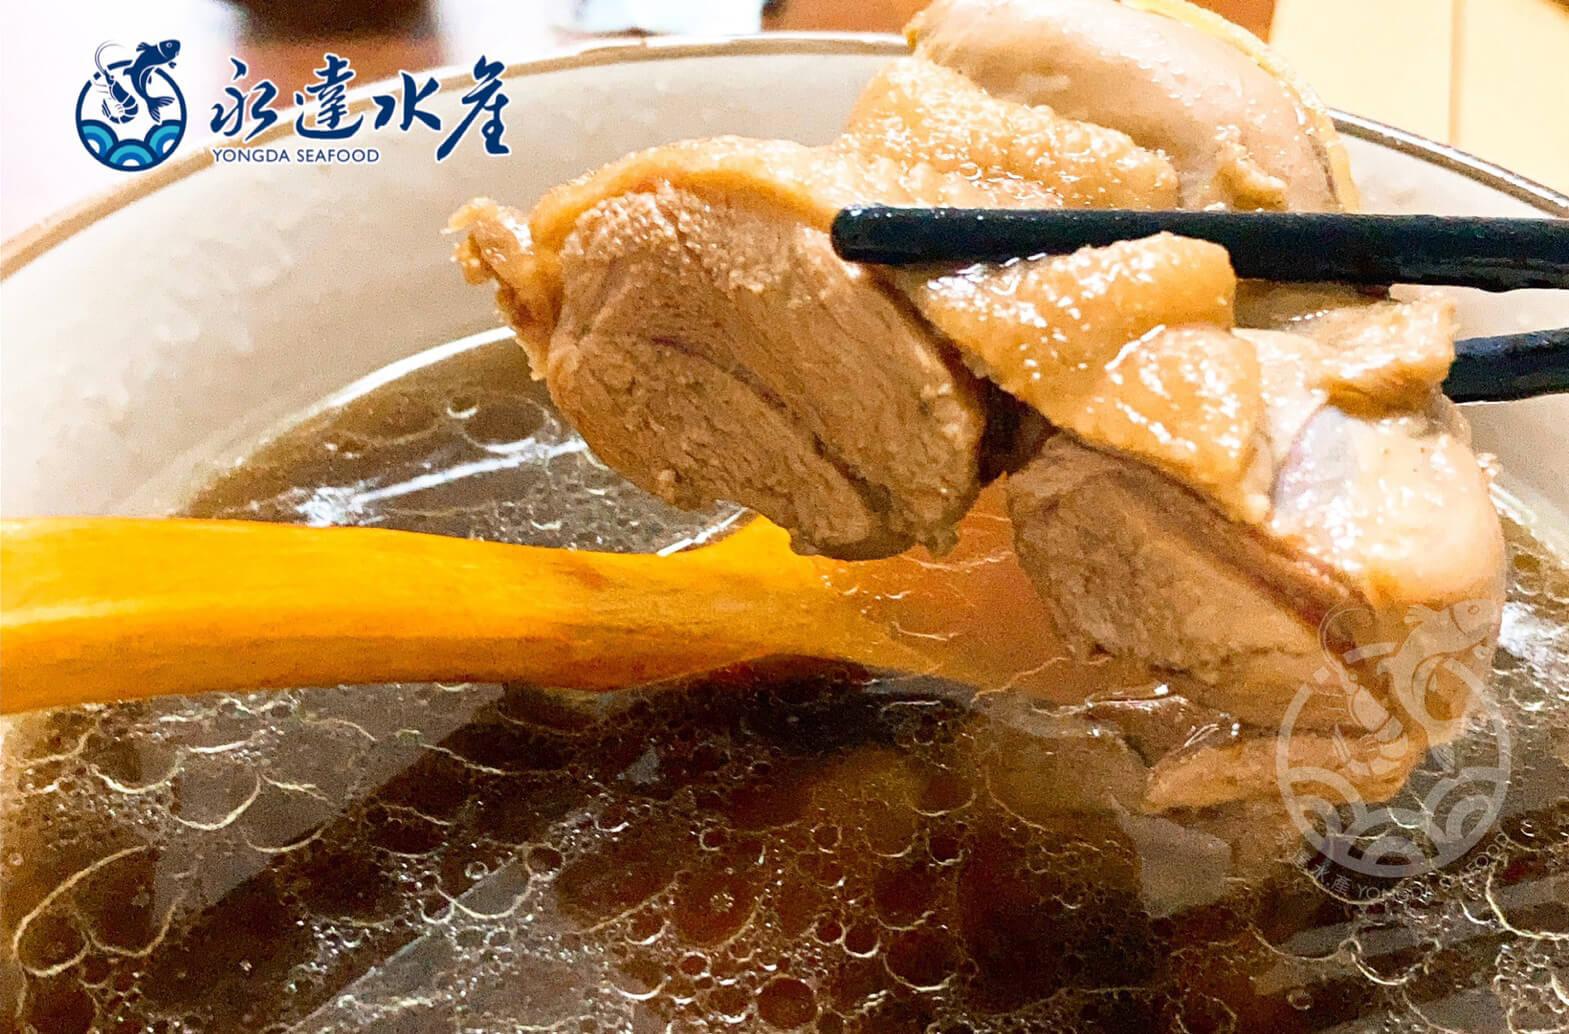 湯品|當歸鴨腿湯|當歸湯|鴨腿湯|鴨腿|鴨肉